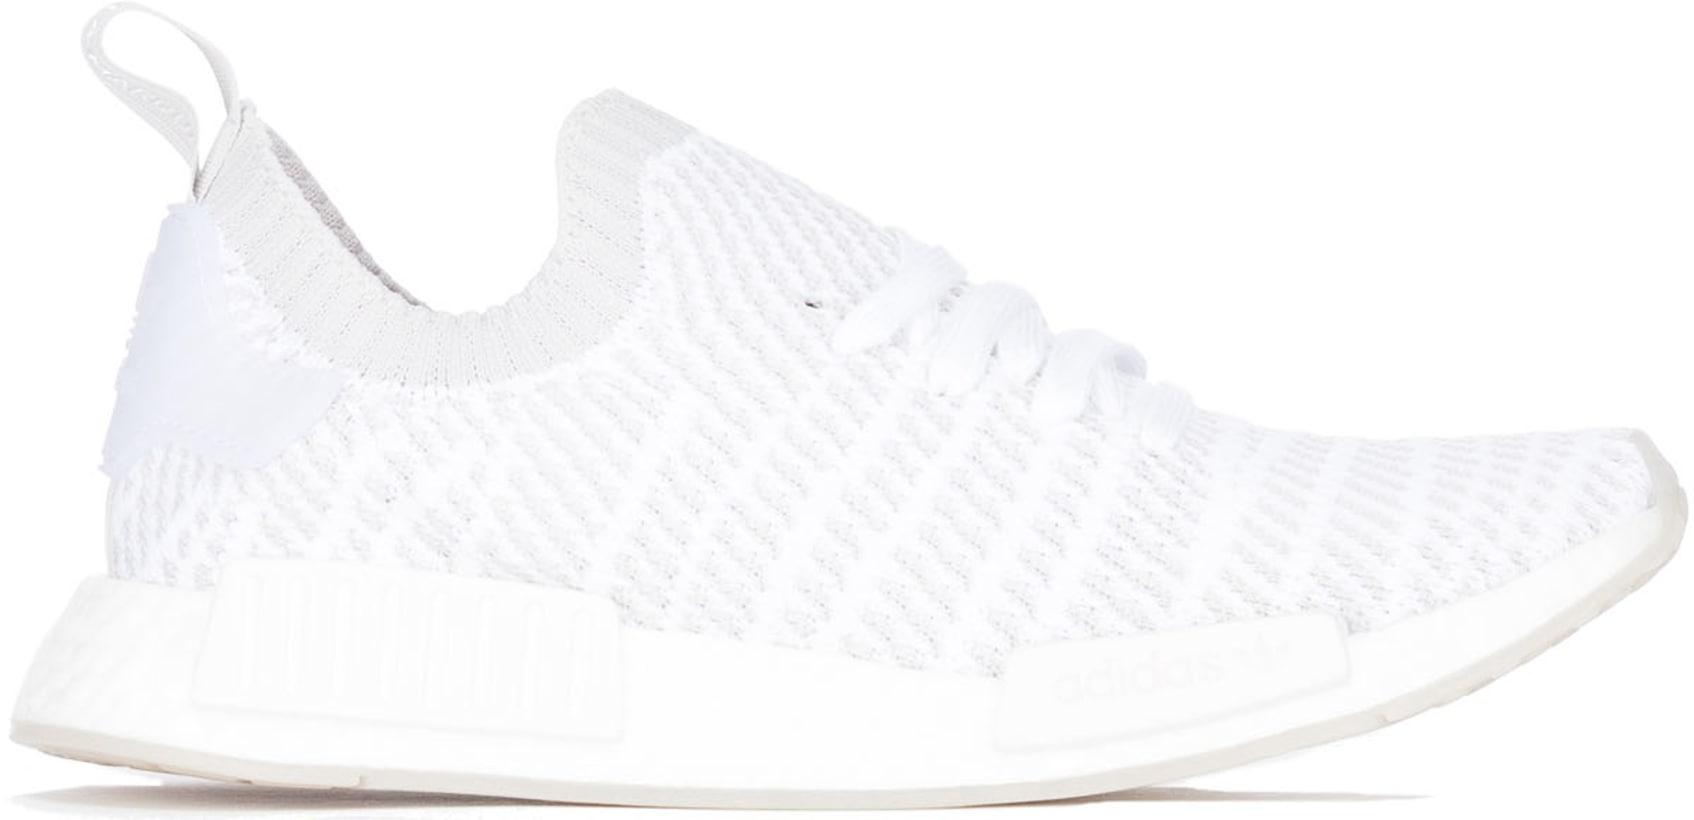 59dd32311 adidas Originals  NMD R1 STLT Primeknit - Cloud White Grey Solar ...